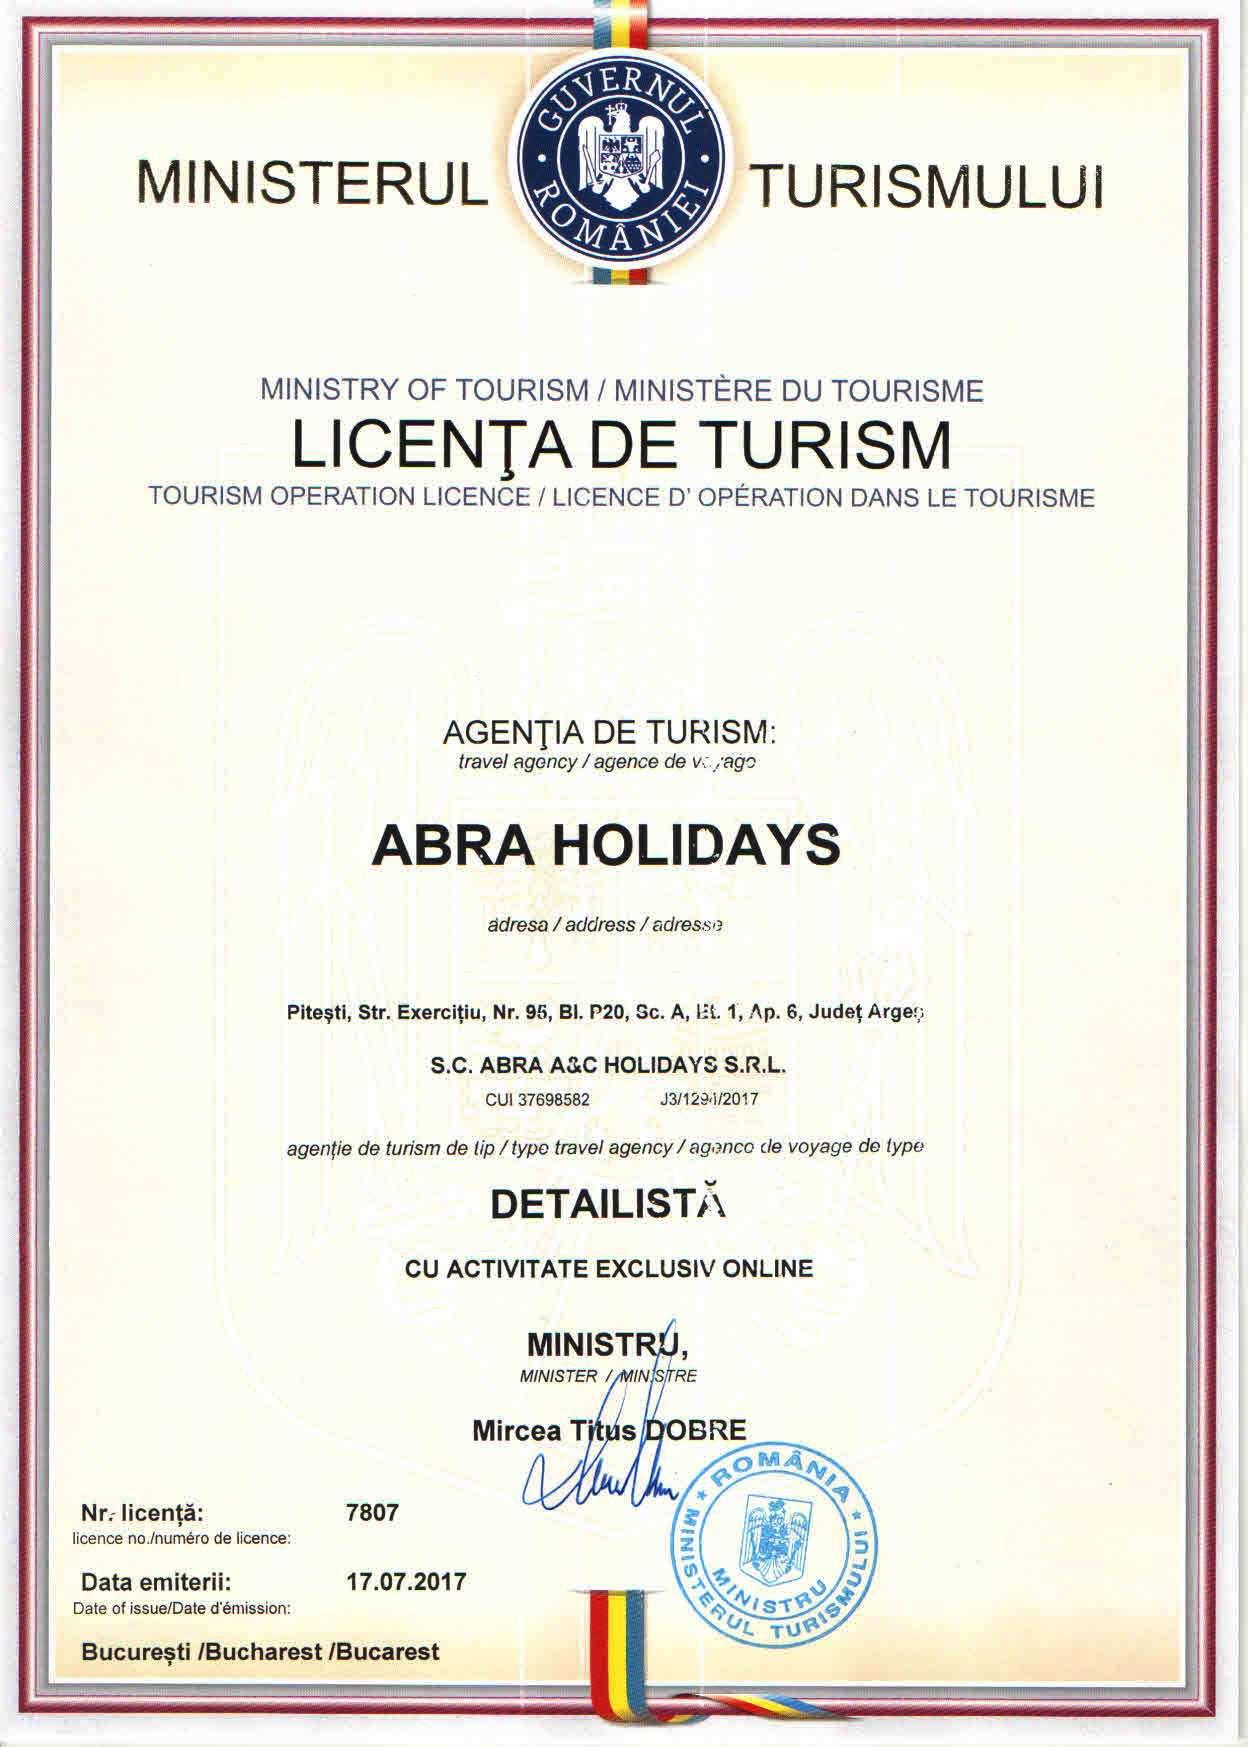 Licenta agentie turism ABRA HOLIDAYS